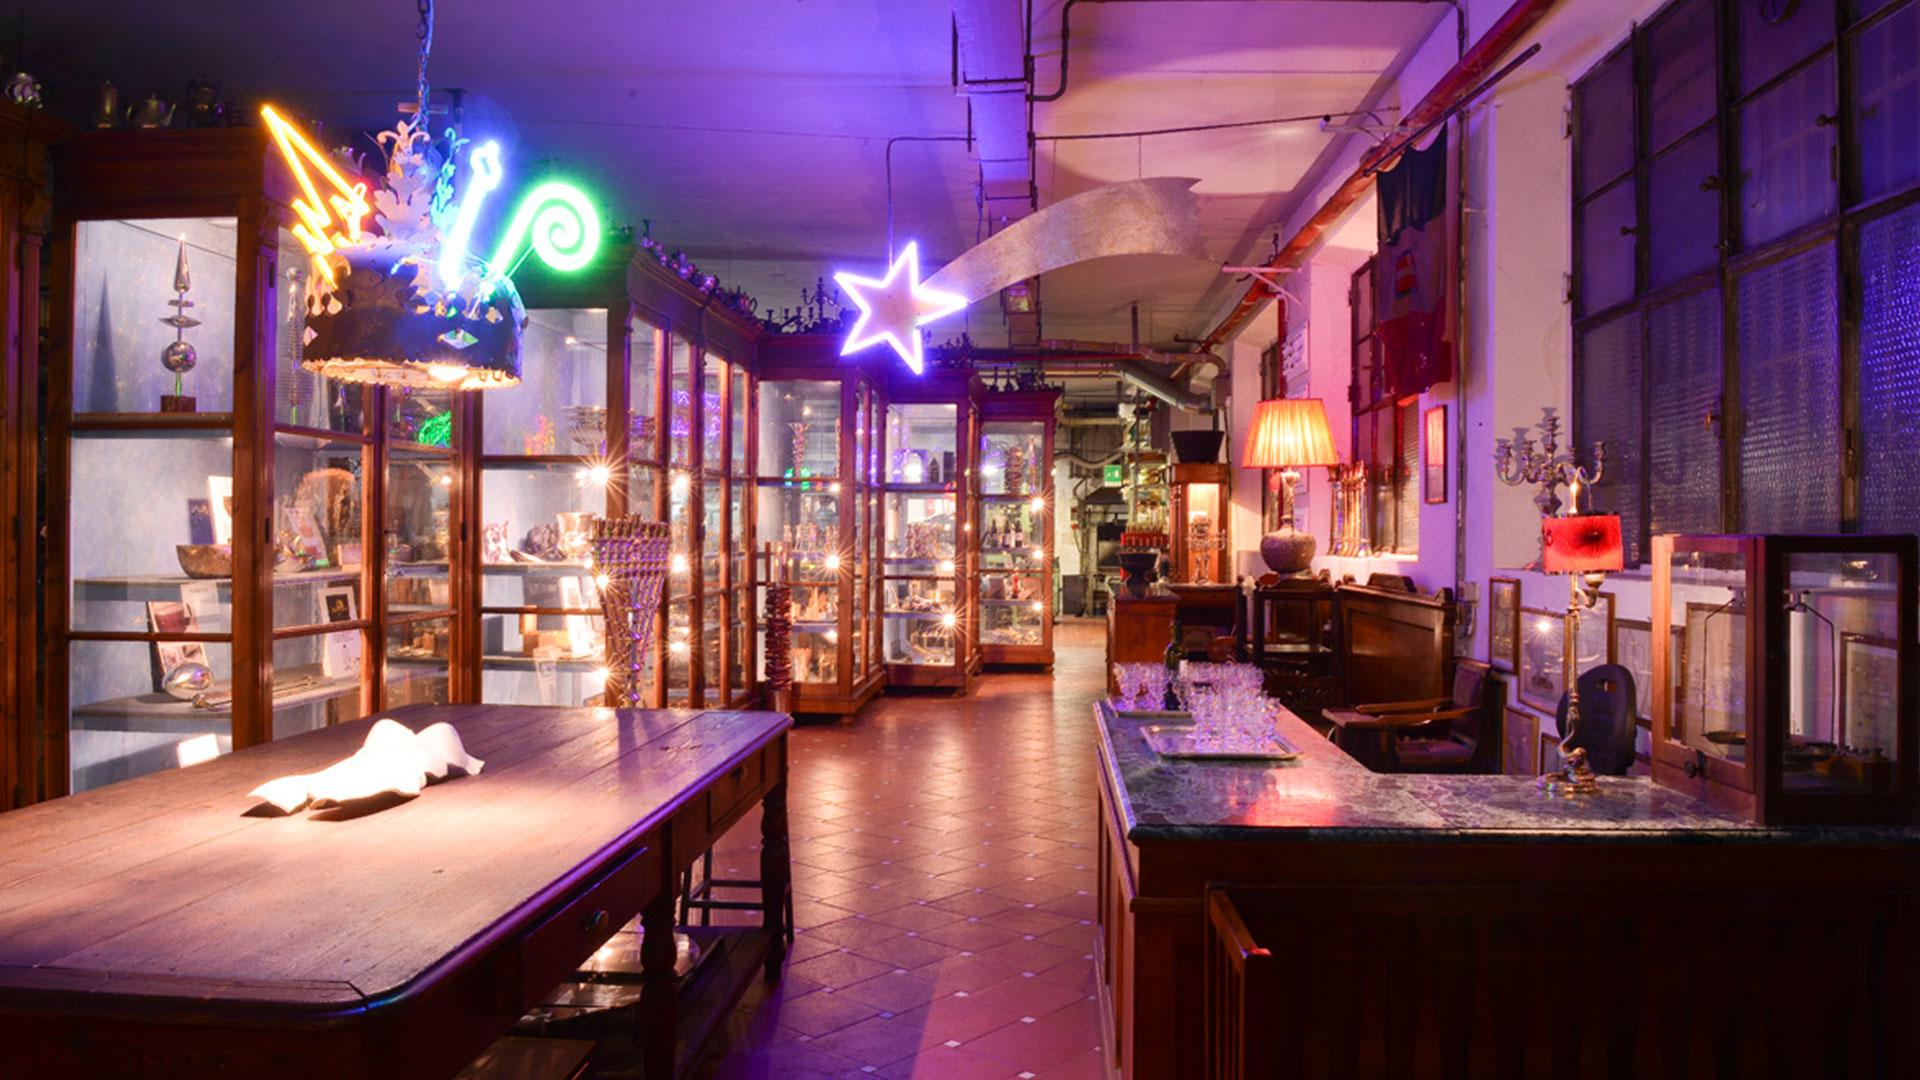 ristorante-in-fabbrica-pampaloni-interior-factory